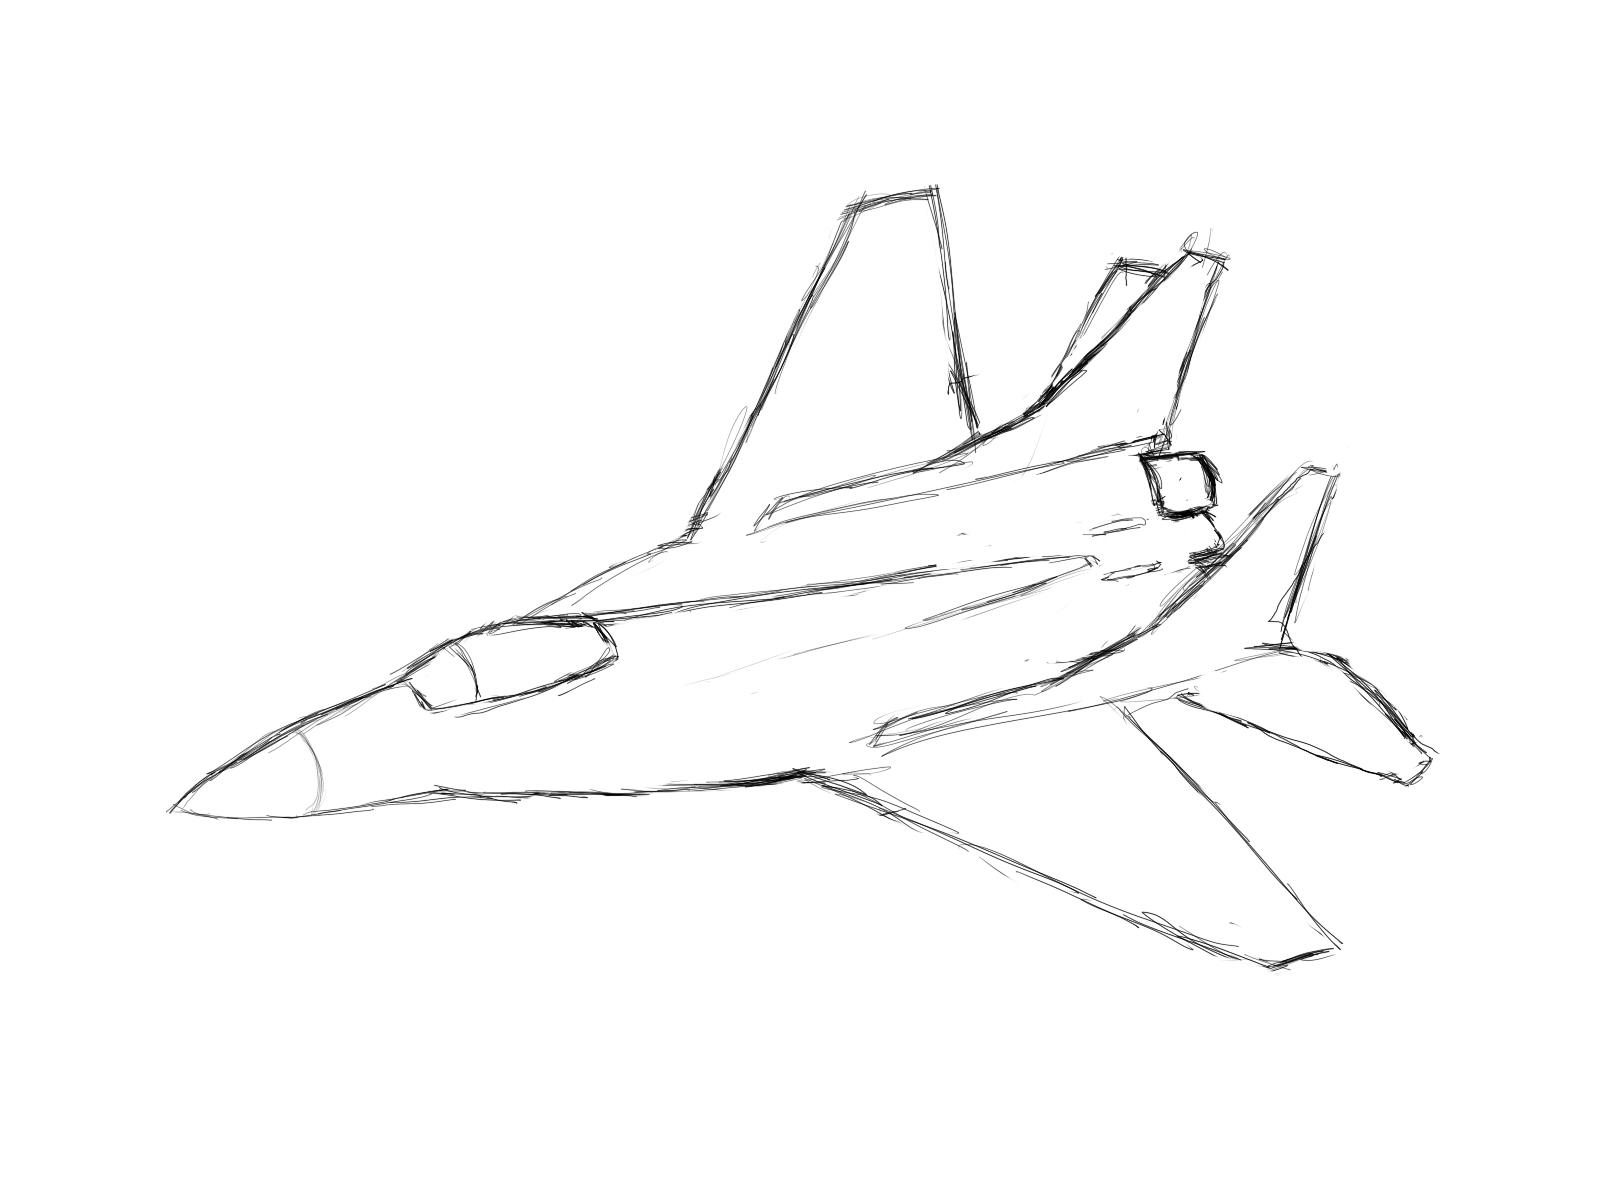 ネギ王立空軍所属MiG-29S